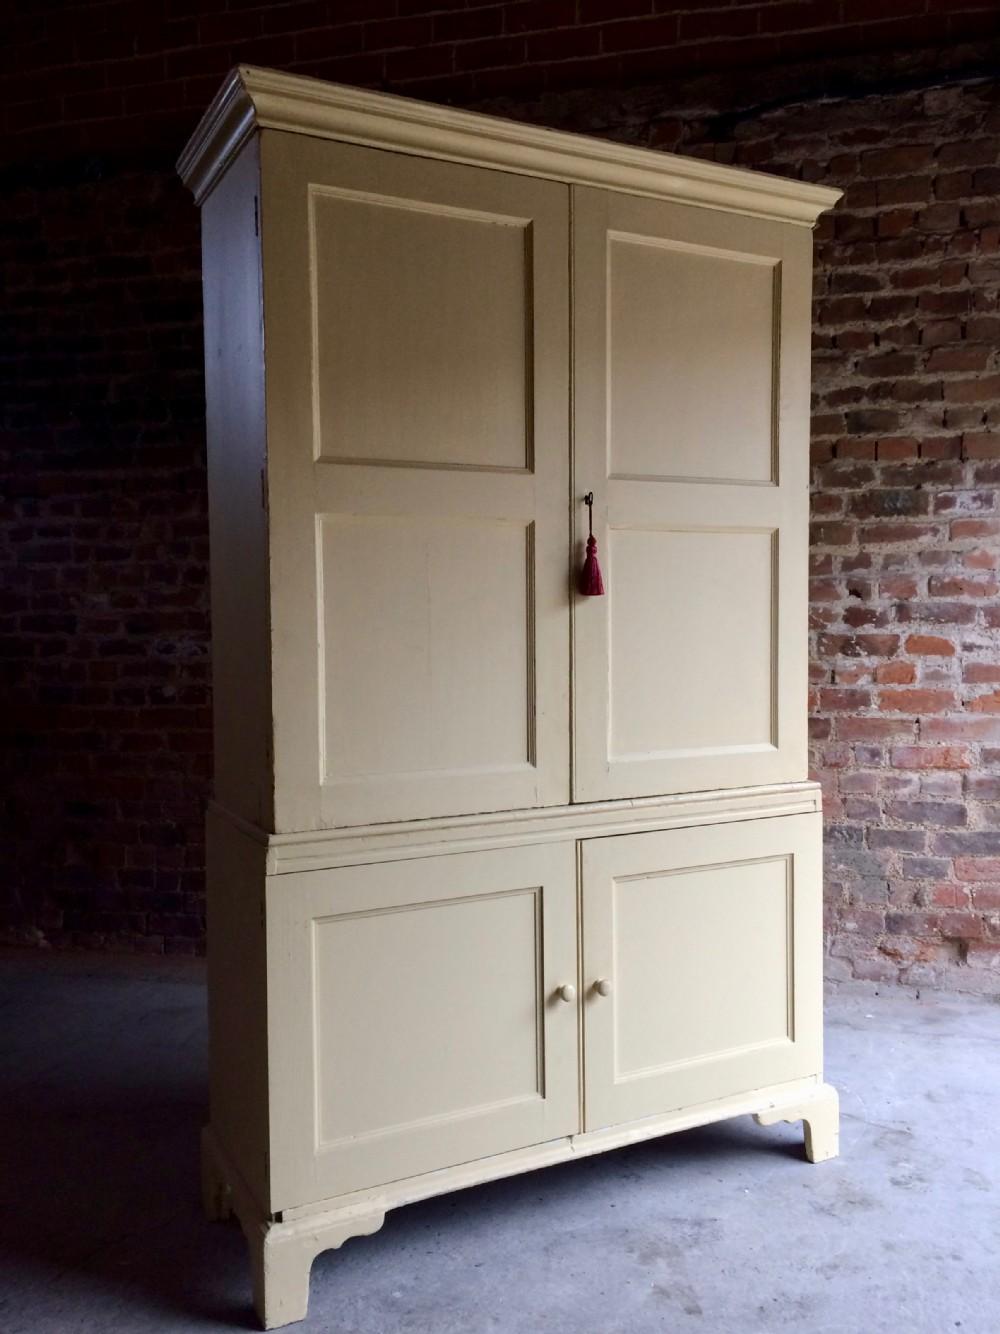 Antique Linen Cupboard - Antique Linen Cupboard Antique Furniture